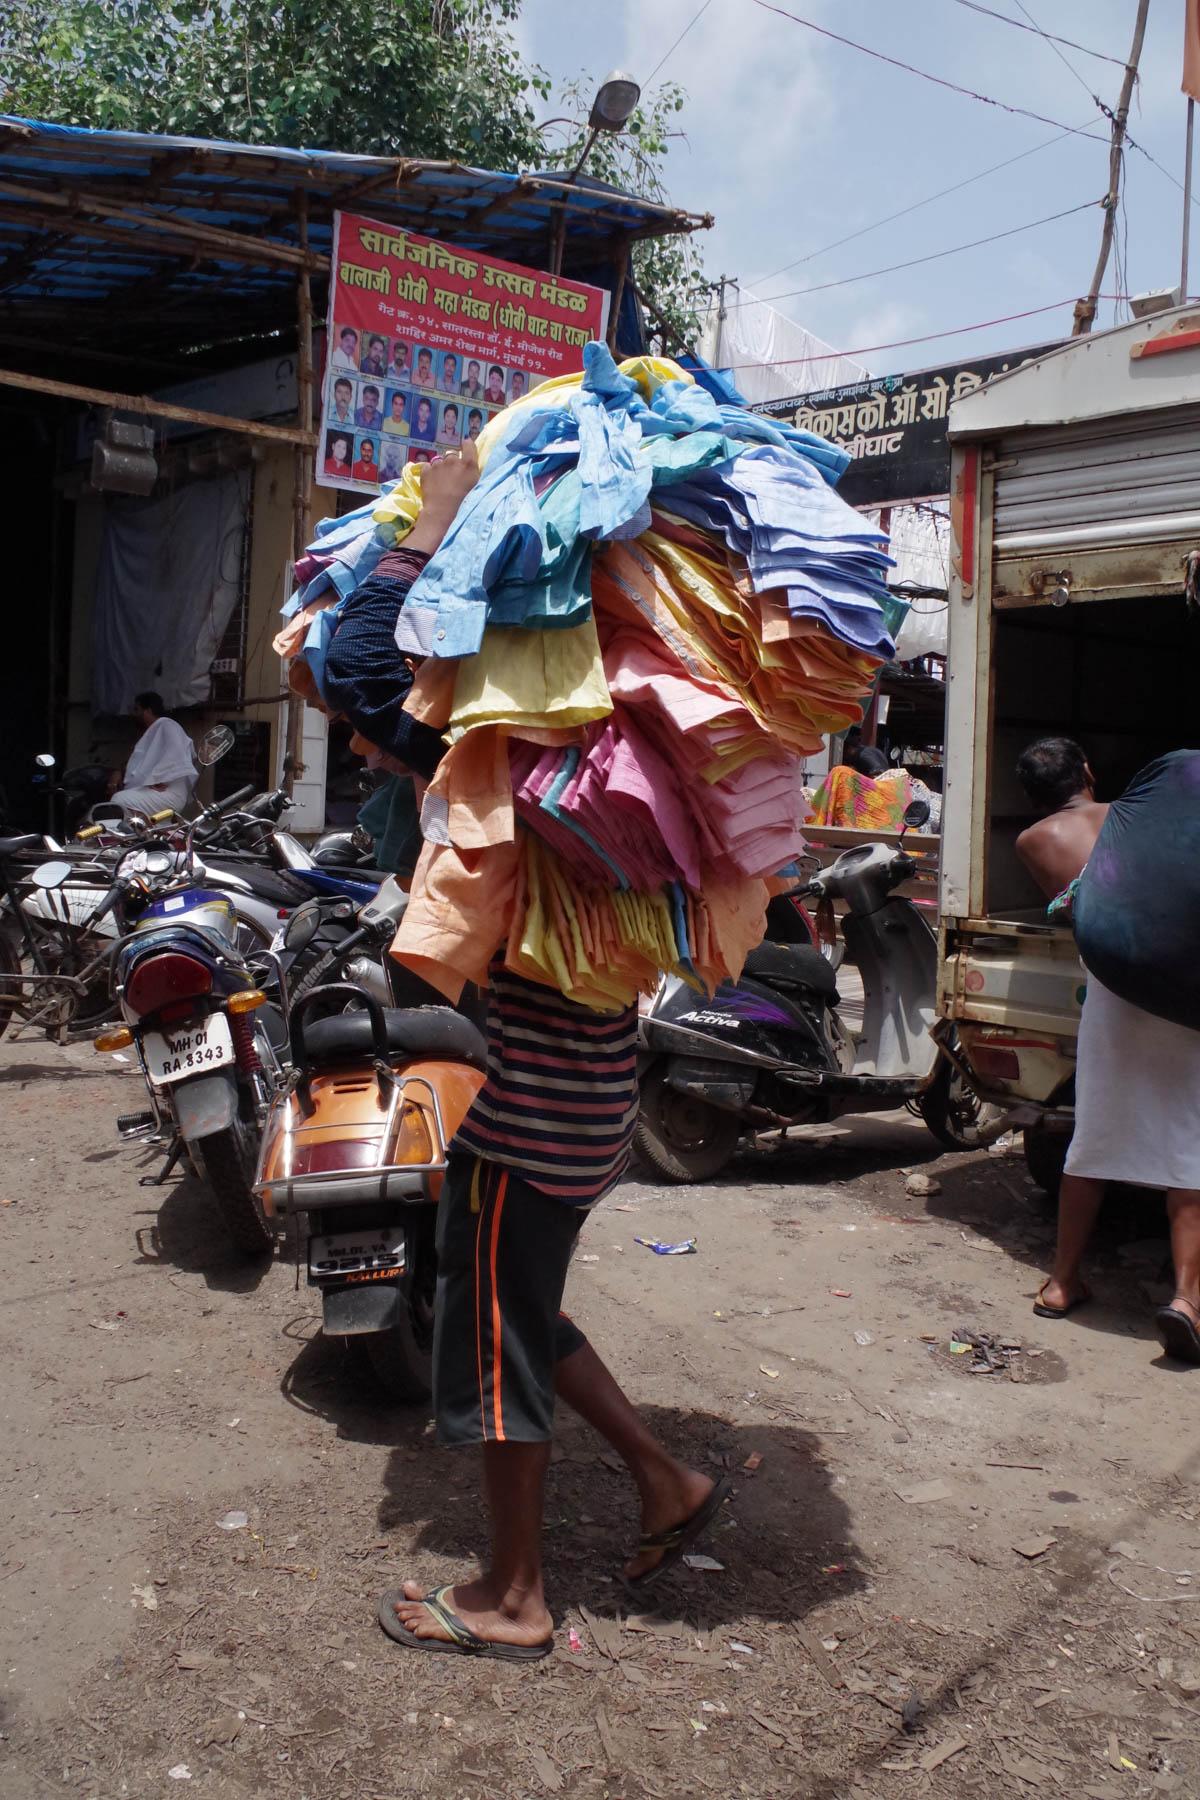 ムンバイ 巨大洗濯工場 ドービーガート 洗濯物を運ぶ人⑦